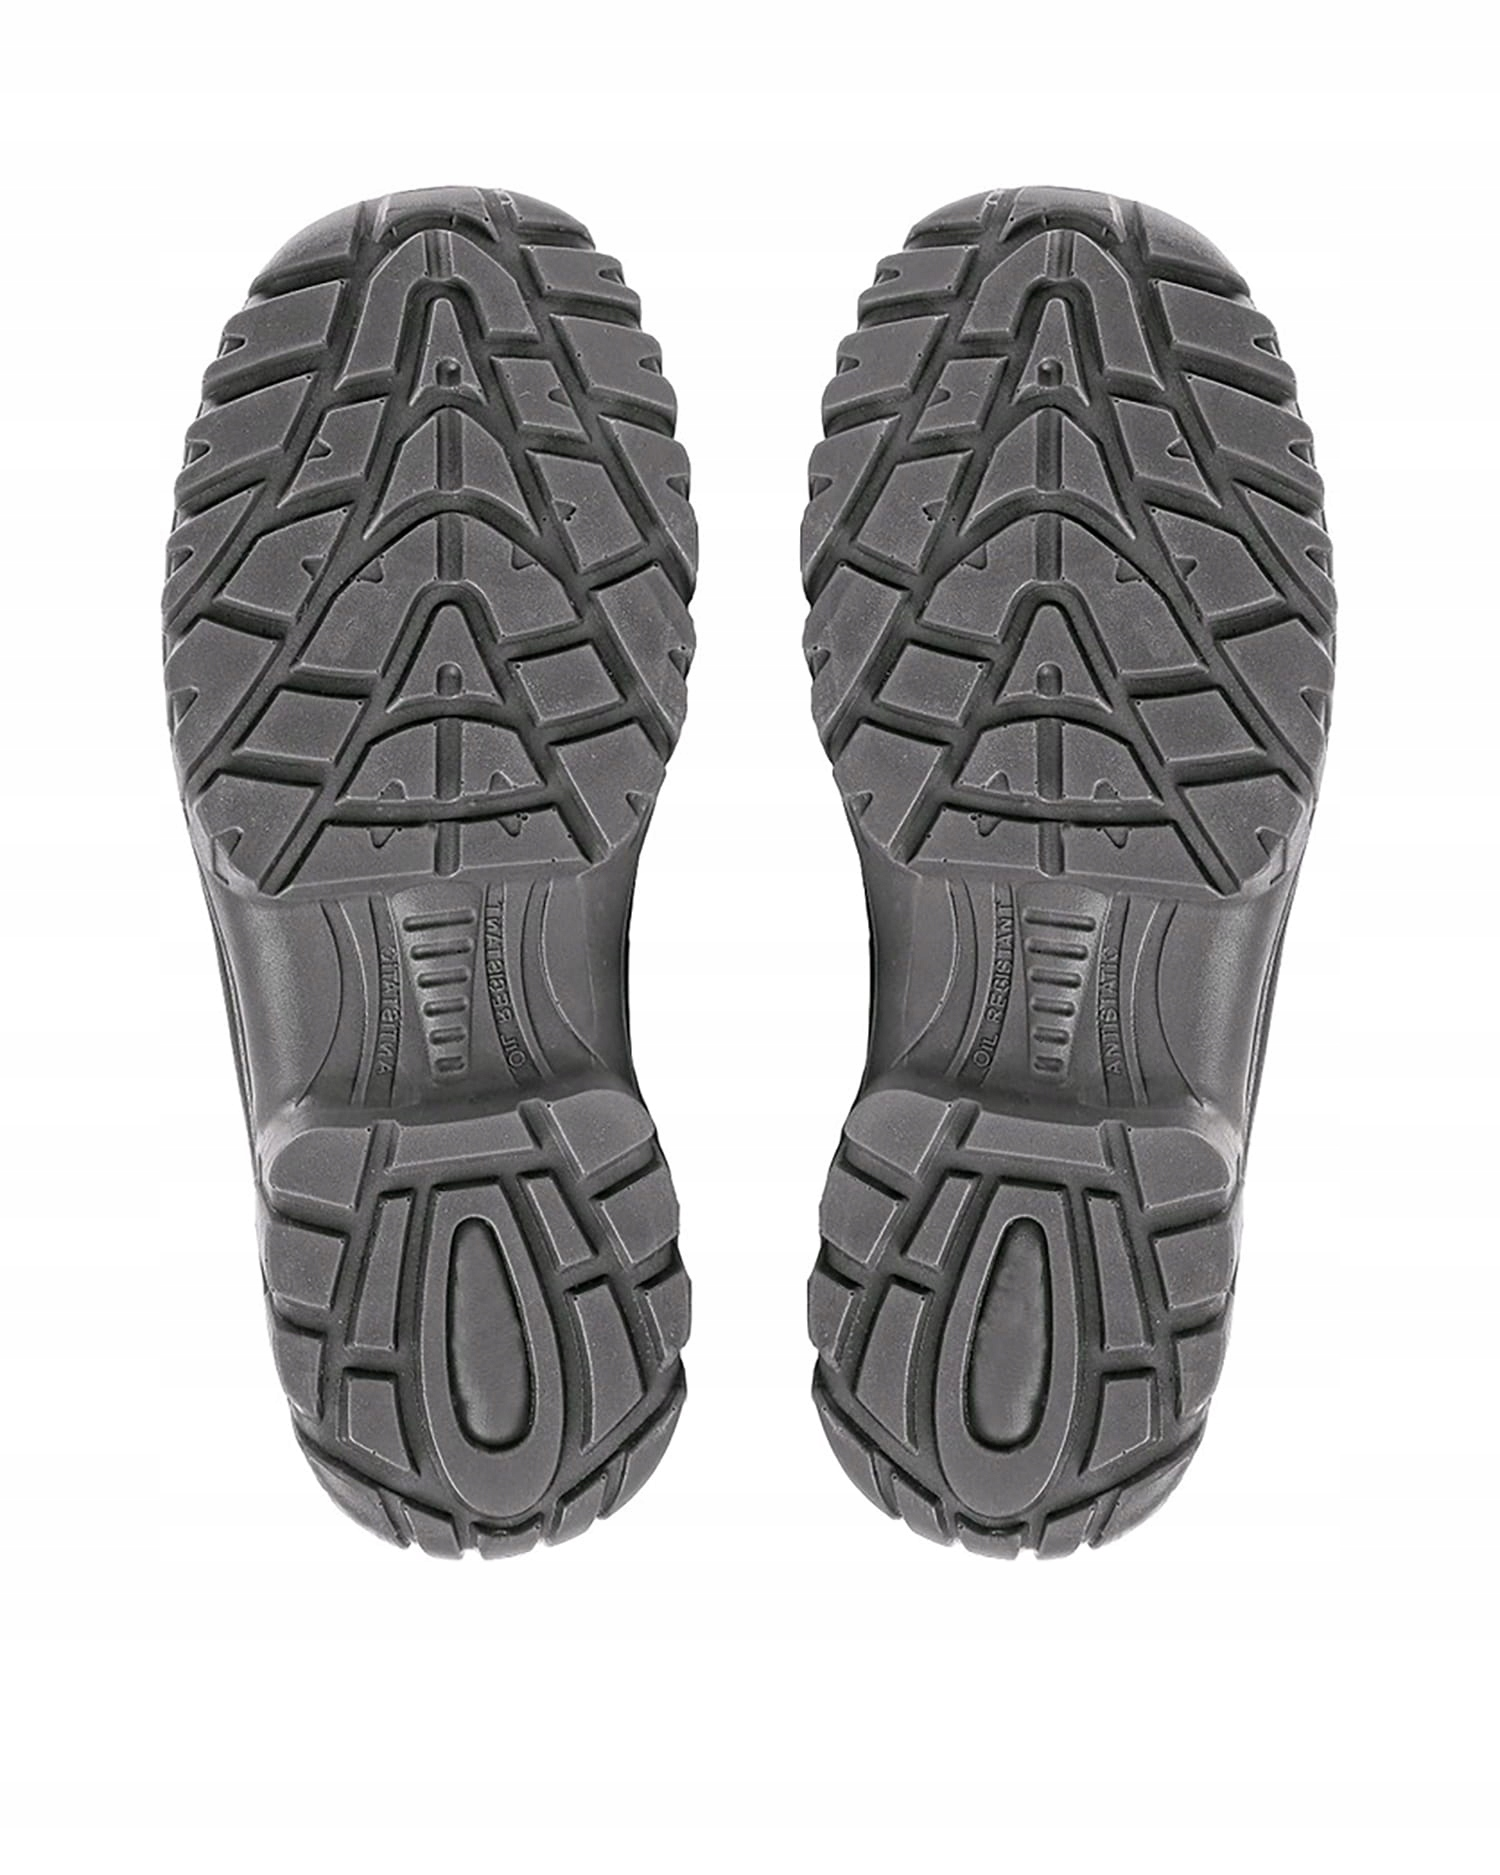 Buty robocze półbuty UNIVERSE COMET S3 CXS #41 Kod producenta męskie ochronne do pracy